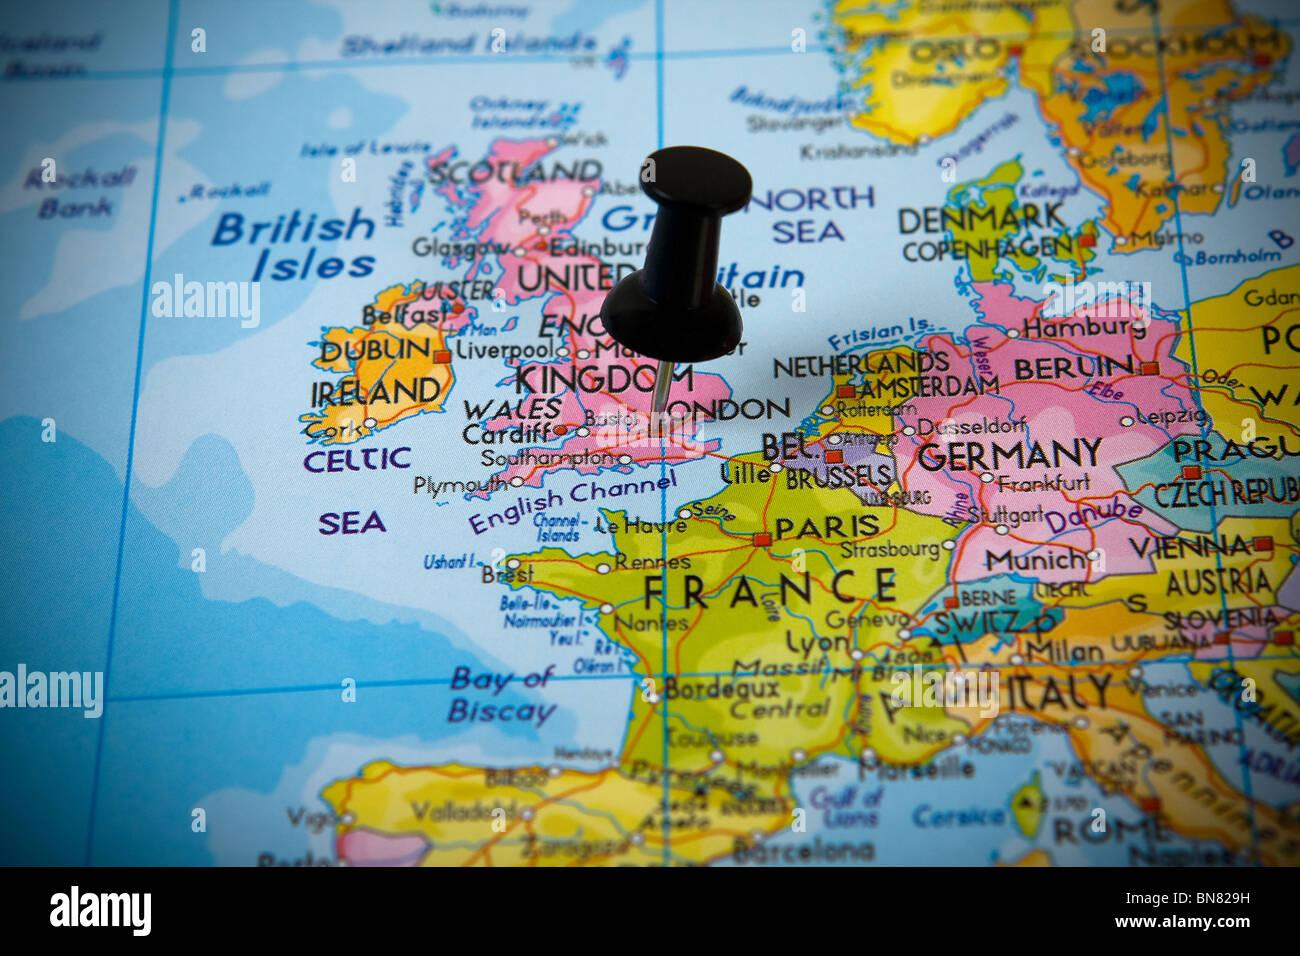 Petite broche pointant sur Londres (UK) dans une carte de l'Europe